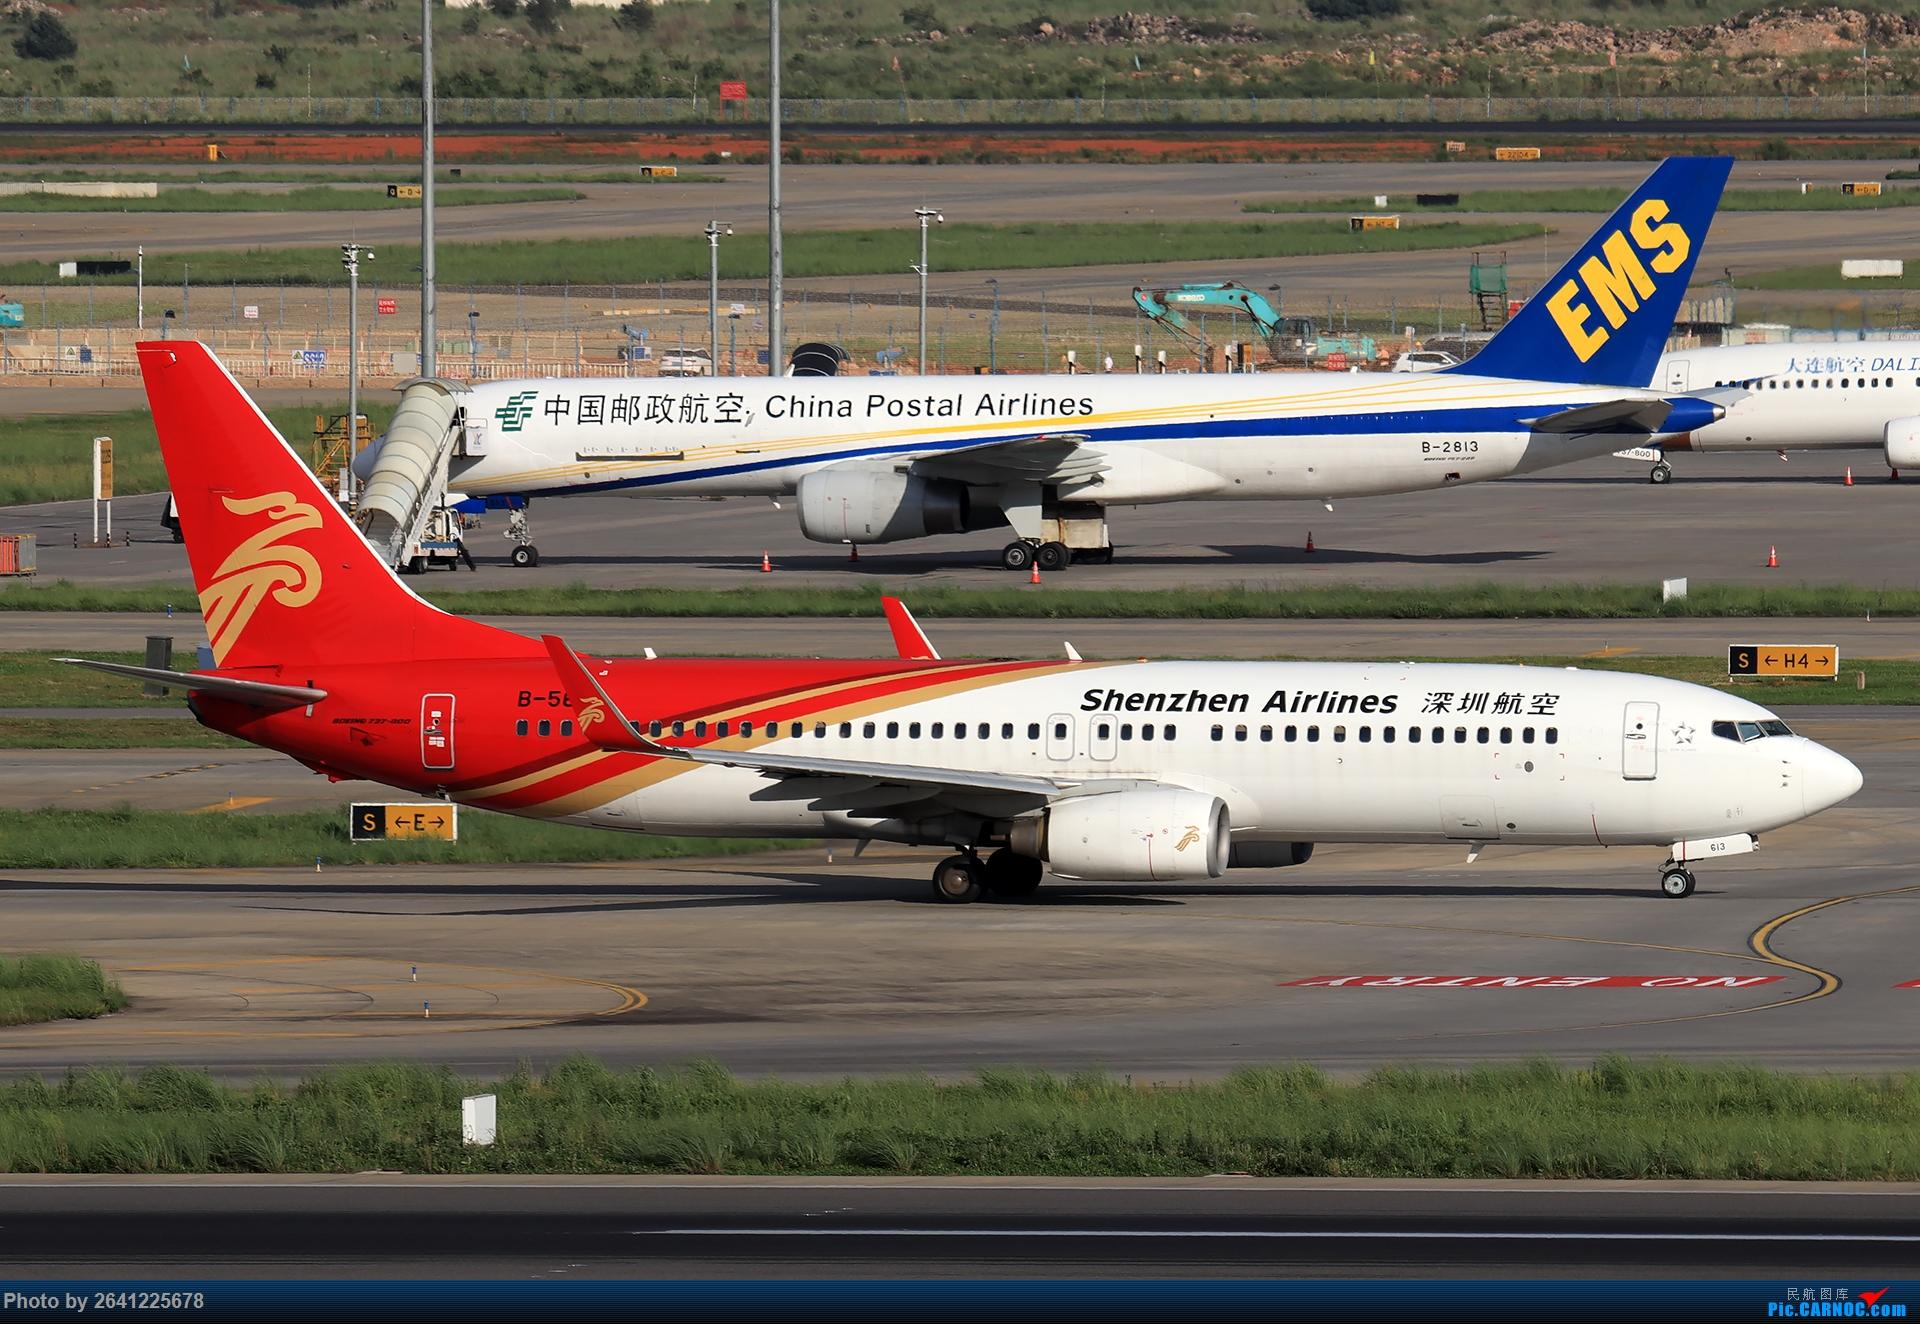 Re:[原创]【KMG】又见长水(3)——晴天西跑,你们要的宽体都在这了(图略多,看官慢慢看) BOEING 737-800 B-5613 中国昆明长水国际机场